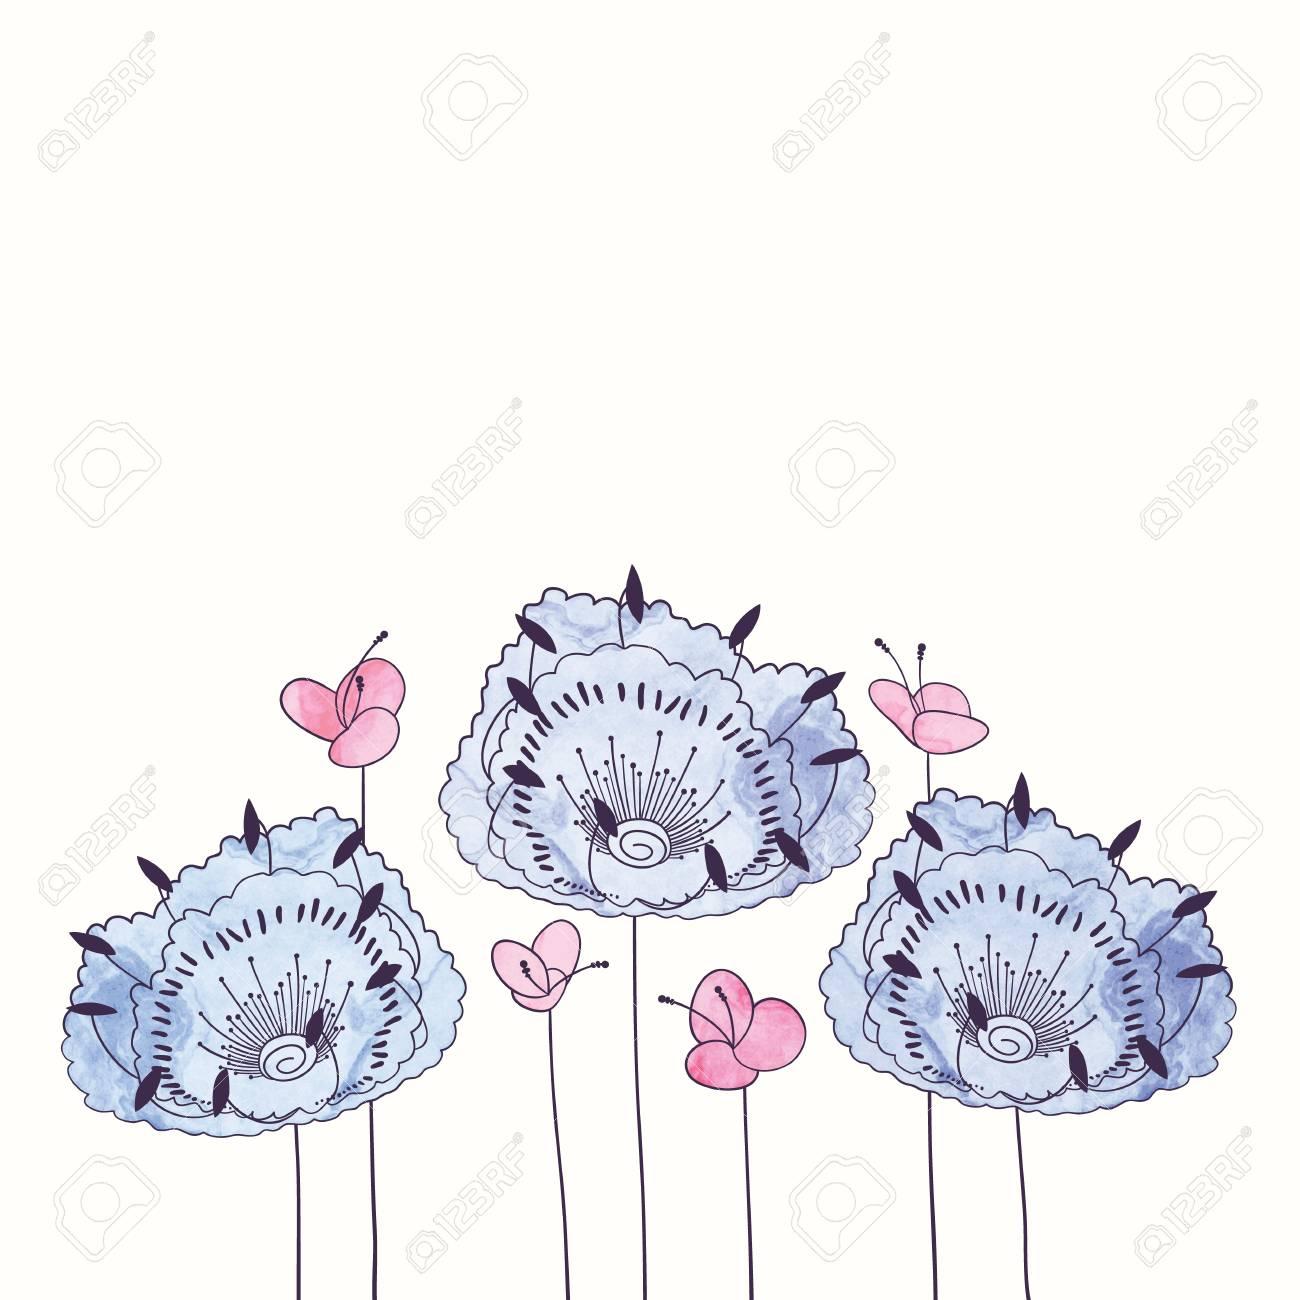 Aquarelle Cadre Fleur Ronde Main Dessiner La Frontiere Florale